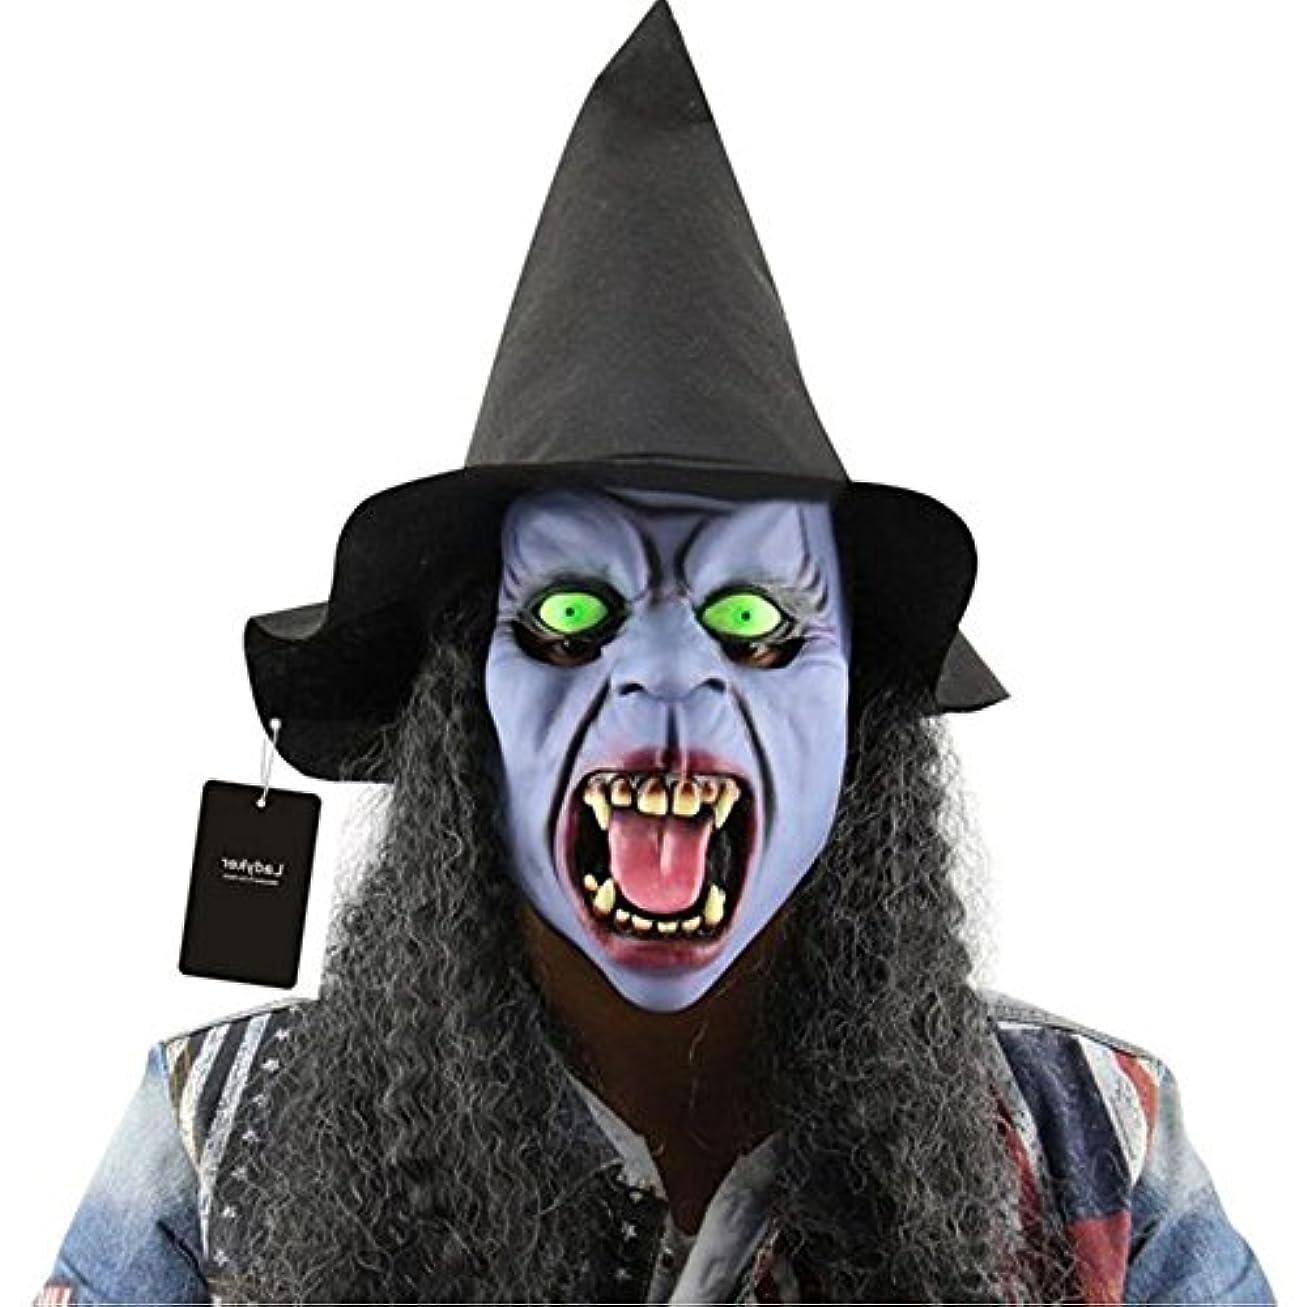 失業者滞在しないでくださいAuntwhale ハロウィーンマスク大人恐怖コスチューム、ホラー夜の魔女ファンシーマスカレードパーティハロウィンマスク、フェスティバル通気性ギフトヘッドマスク